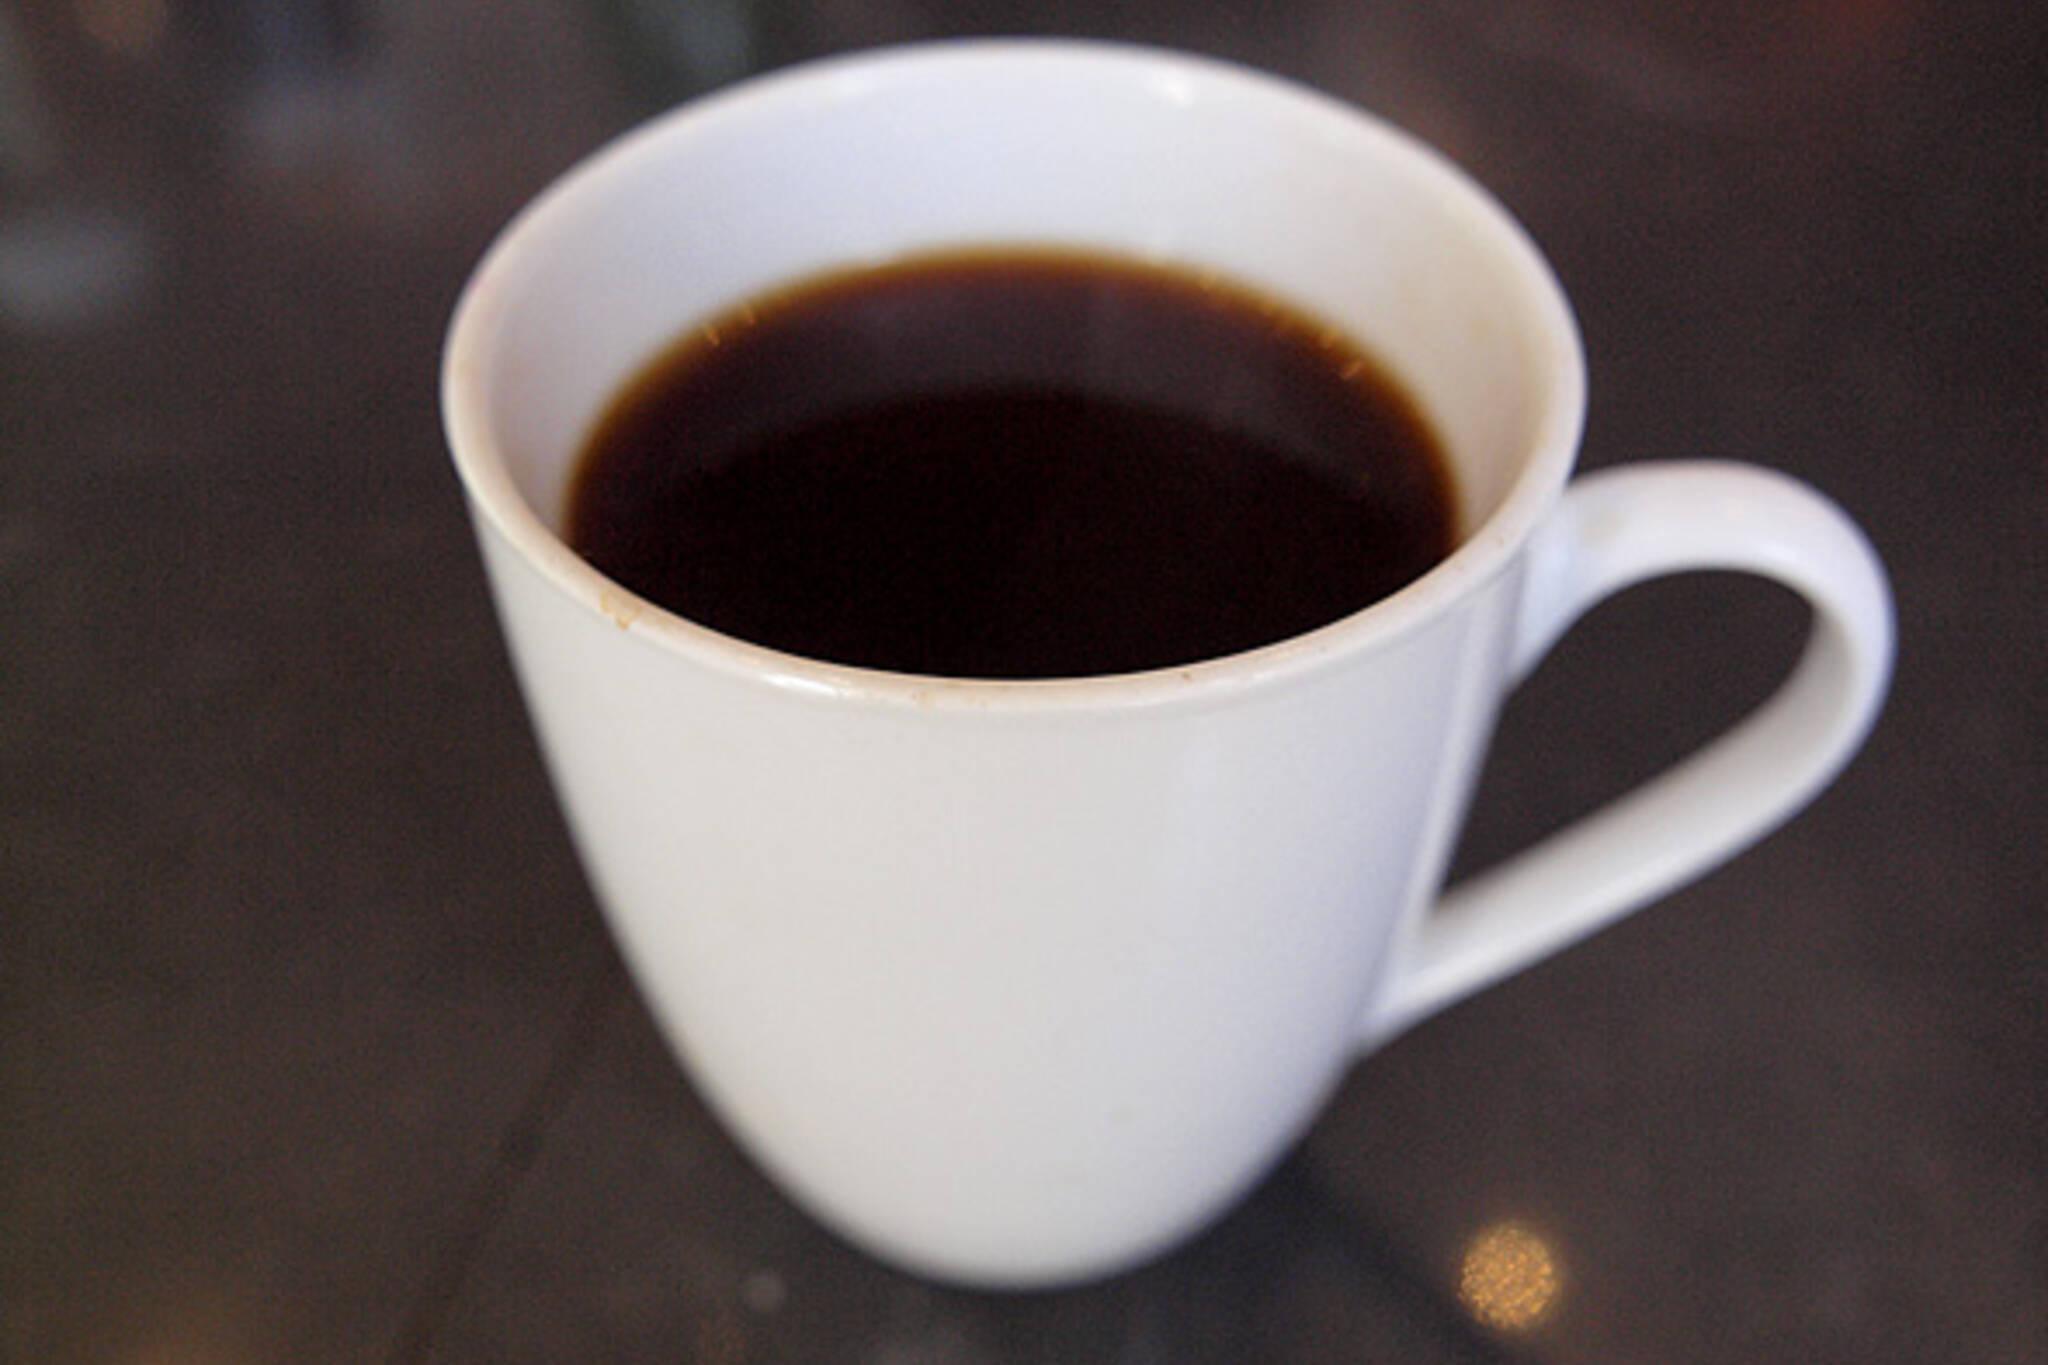 Trifecta coffee